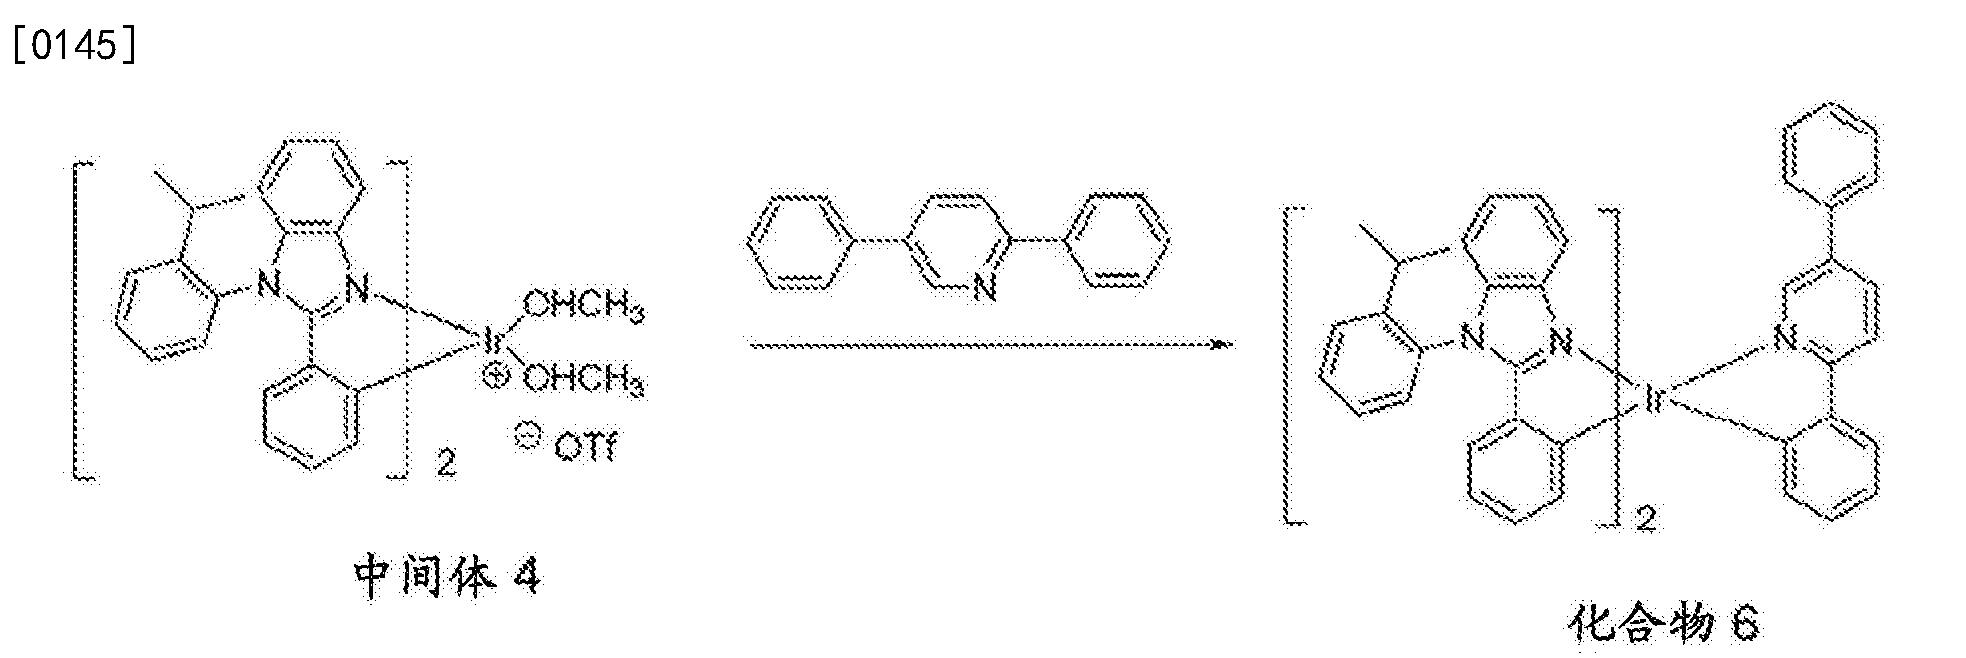 Figure CN103396455BD00513